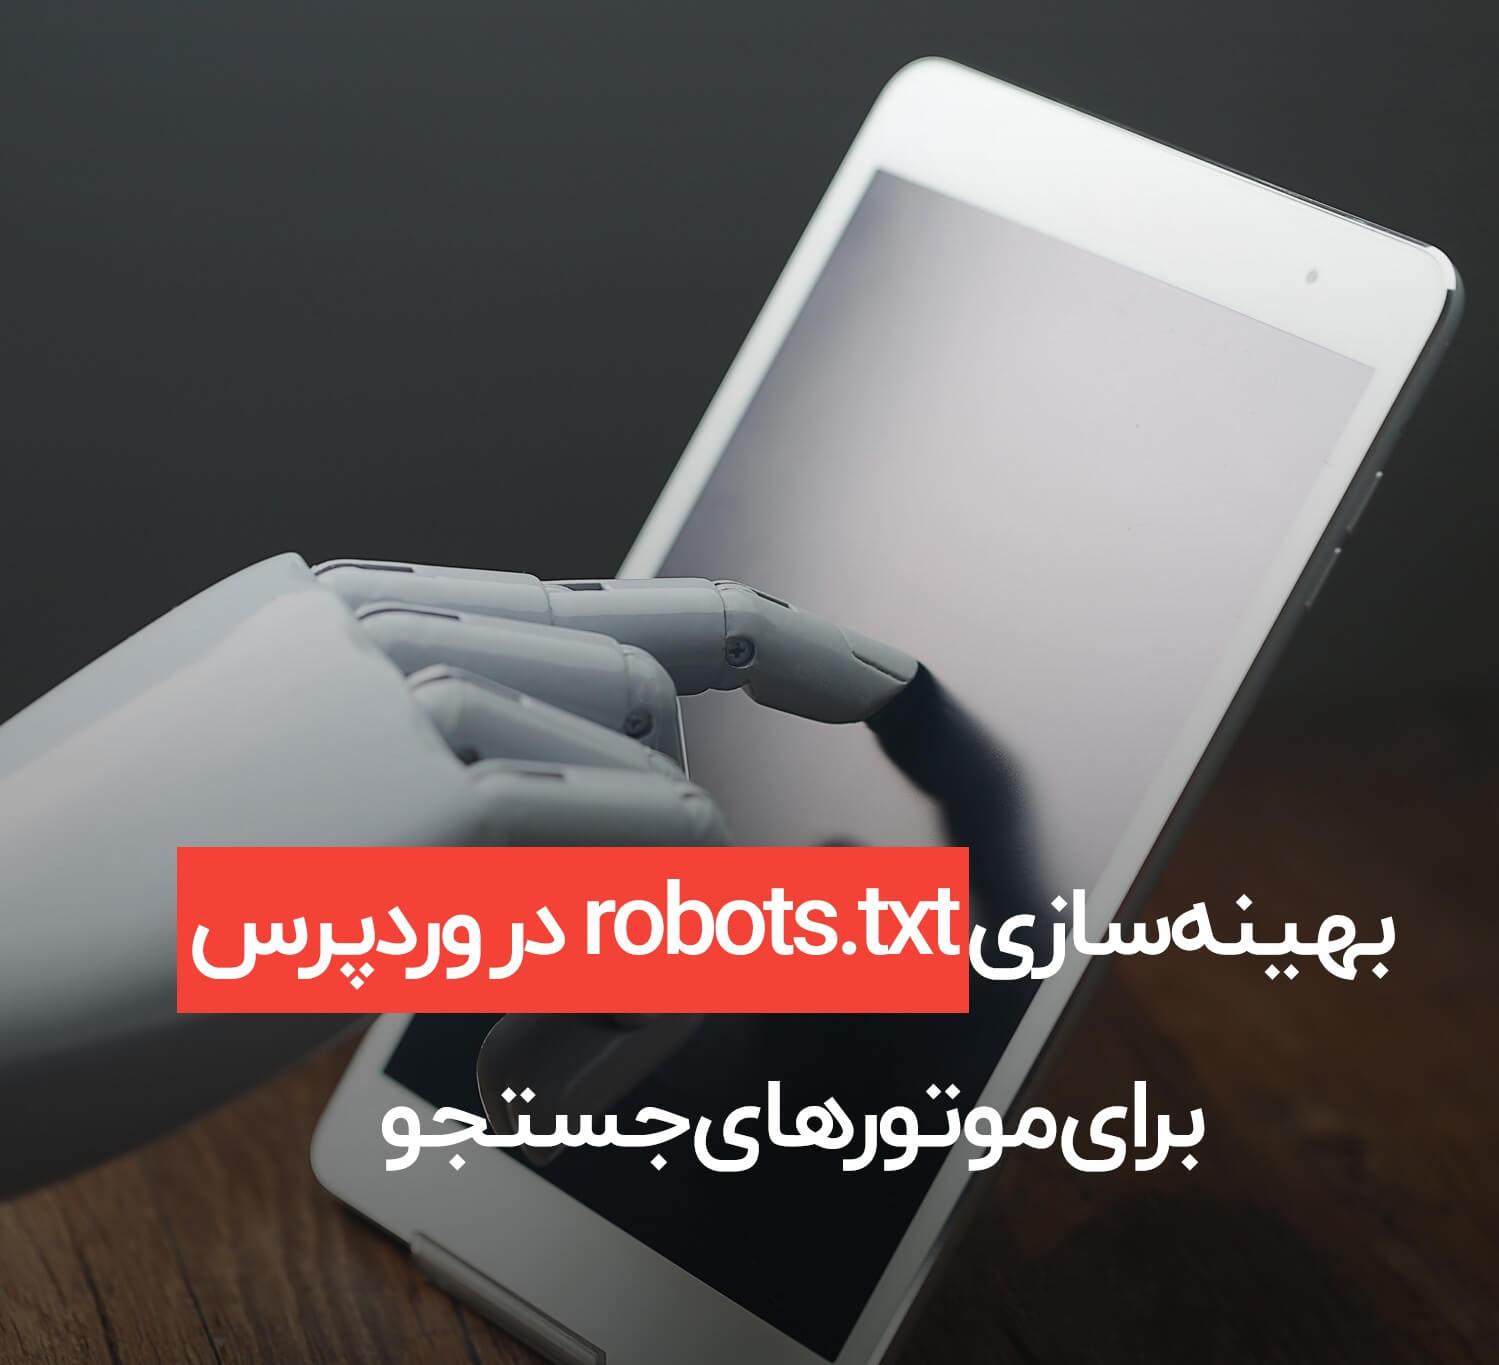 بهینه سازی robots.txt در وردپرس